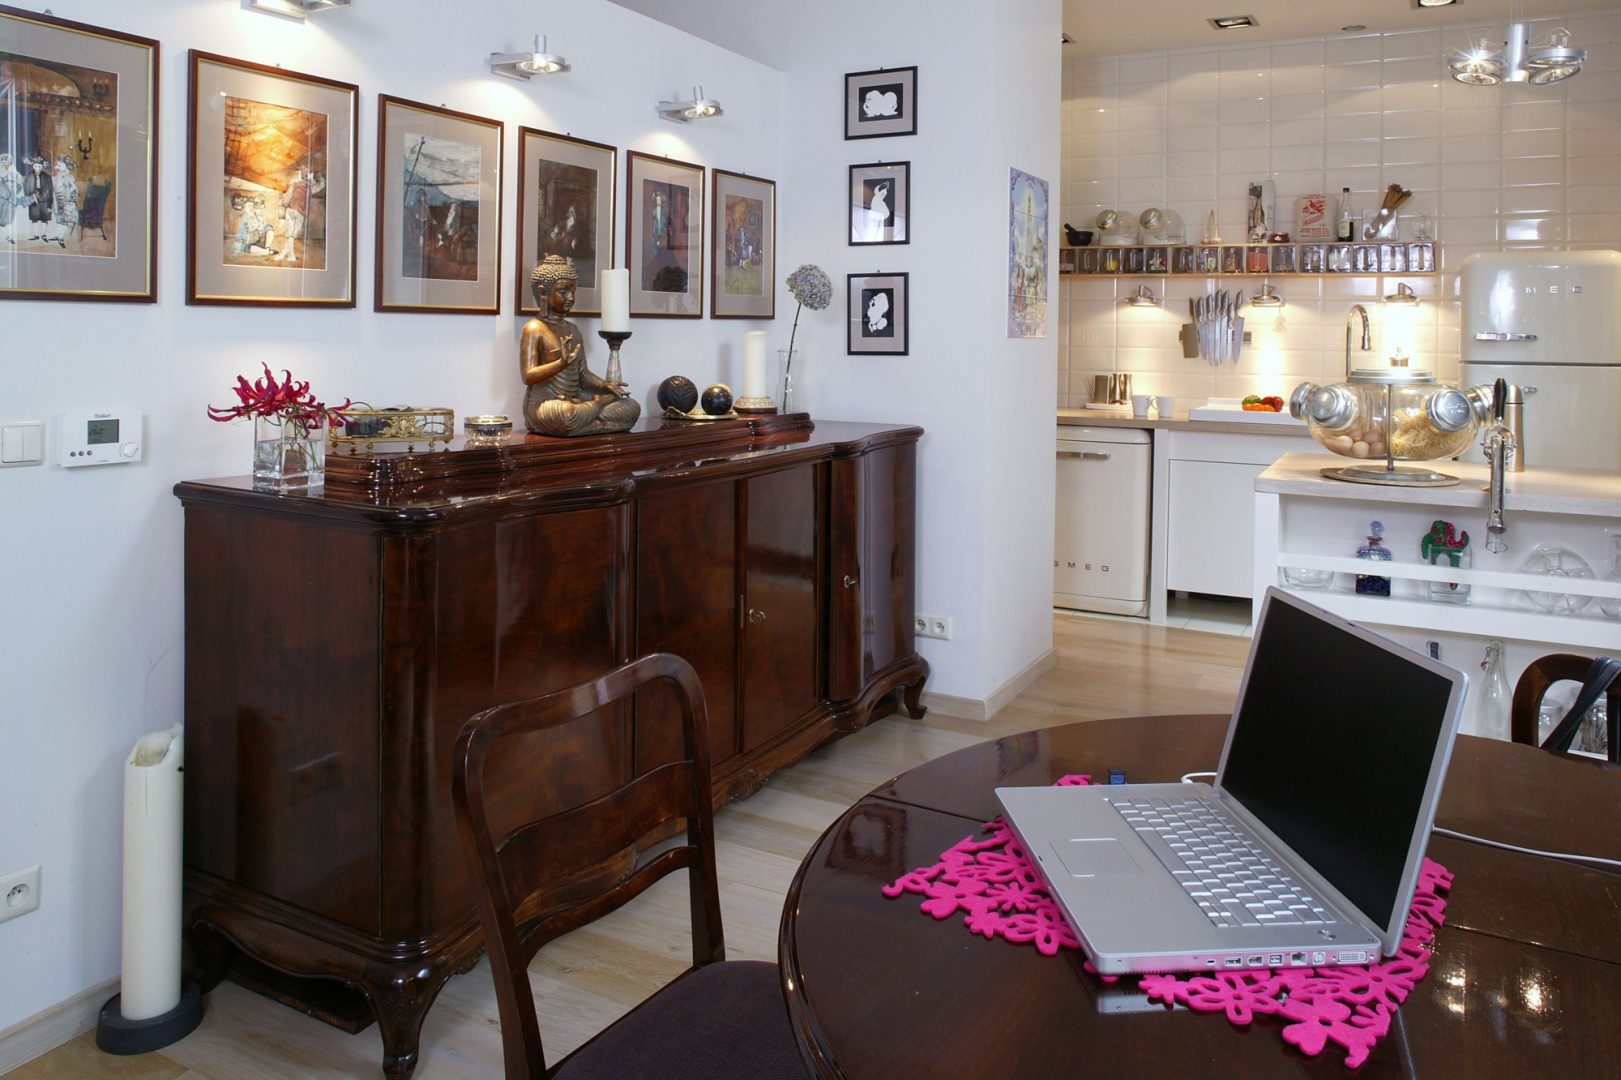 Miejsce usytuowania ściany i jej szerokość zostały dostosowane do kredensu. Kuchnia – choć efektowna – jest tłem dla urządzonego rodzinnymi pamiątkami salonu. Fot. Monika Filipiuk.